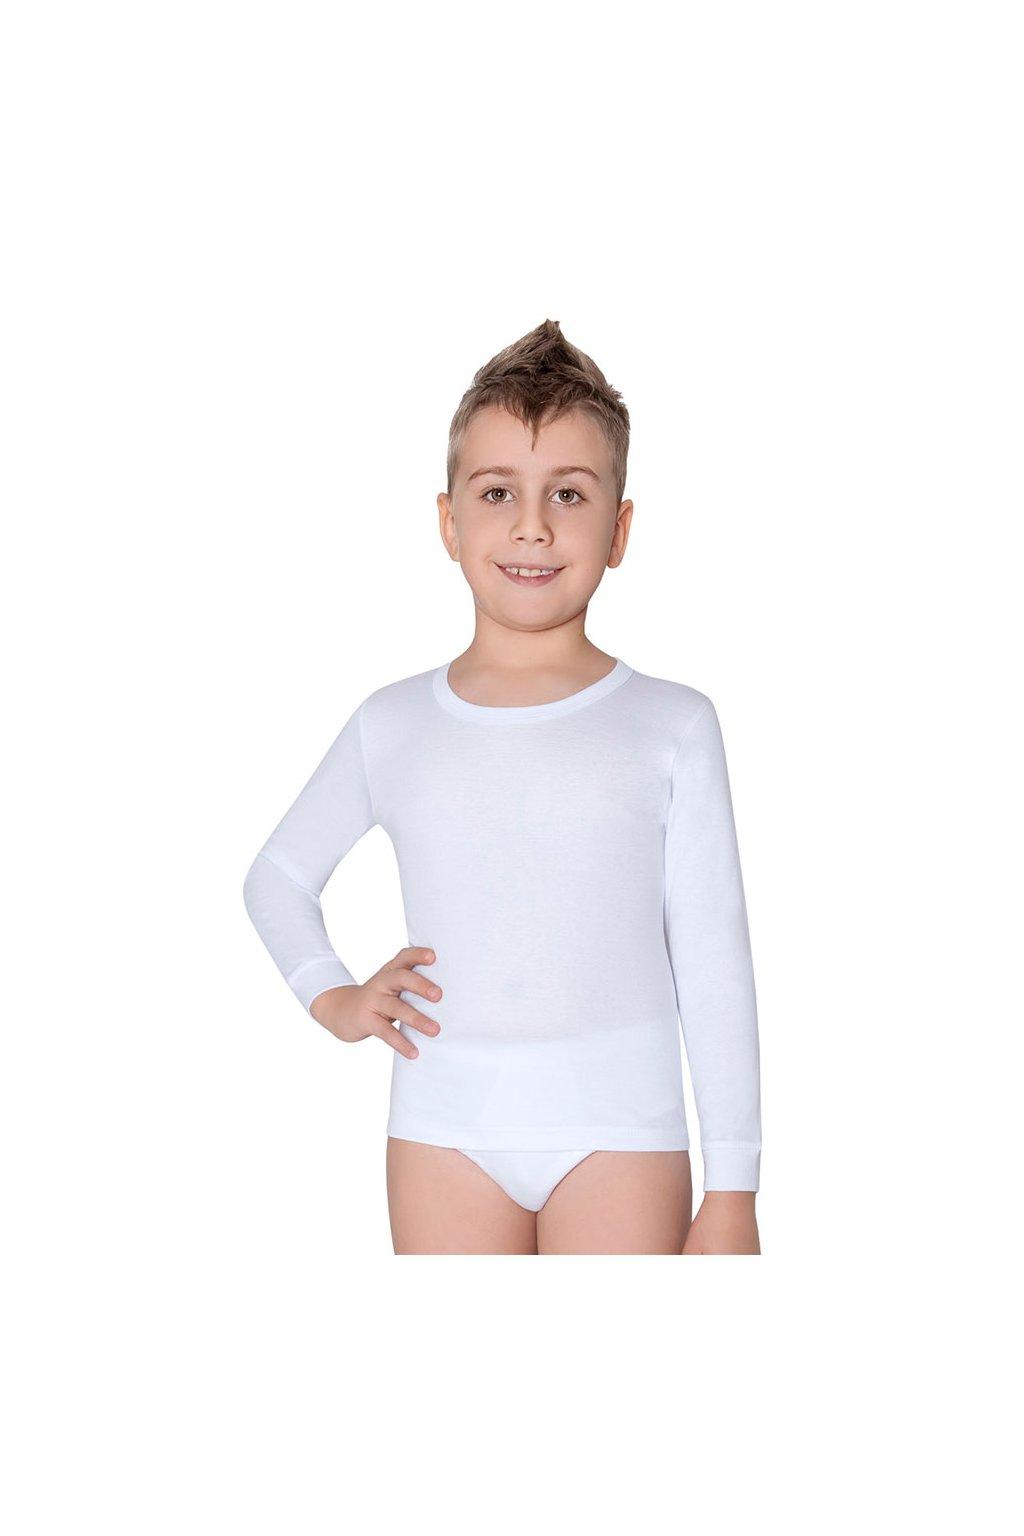 Chlapecký nátělník s dlouhým rukávem, 50205 1, bílá